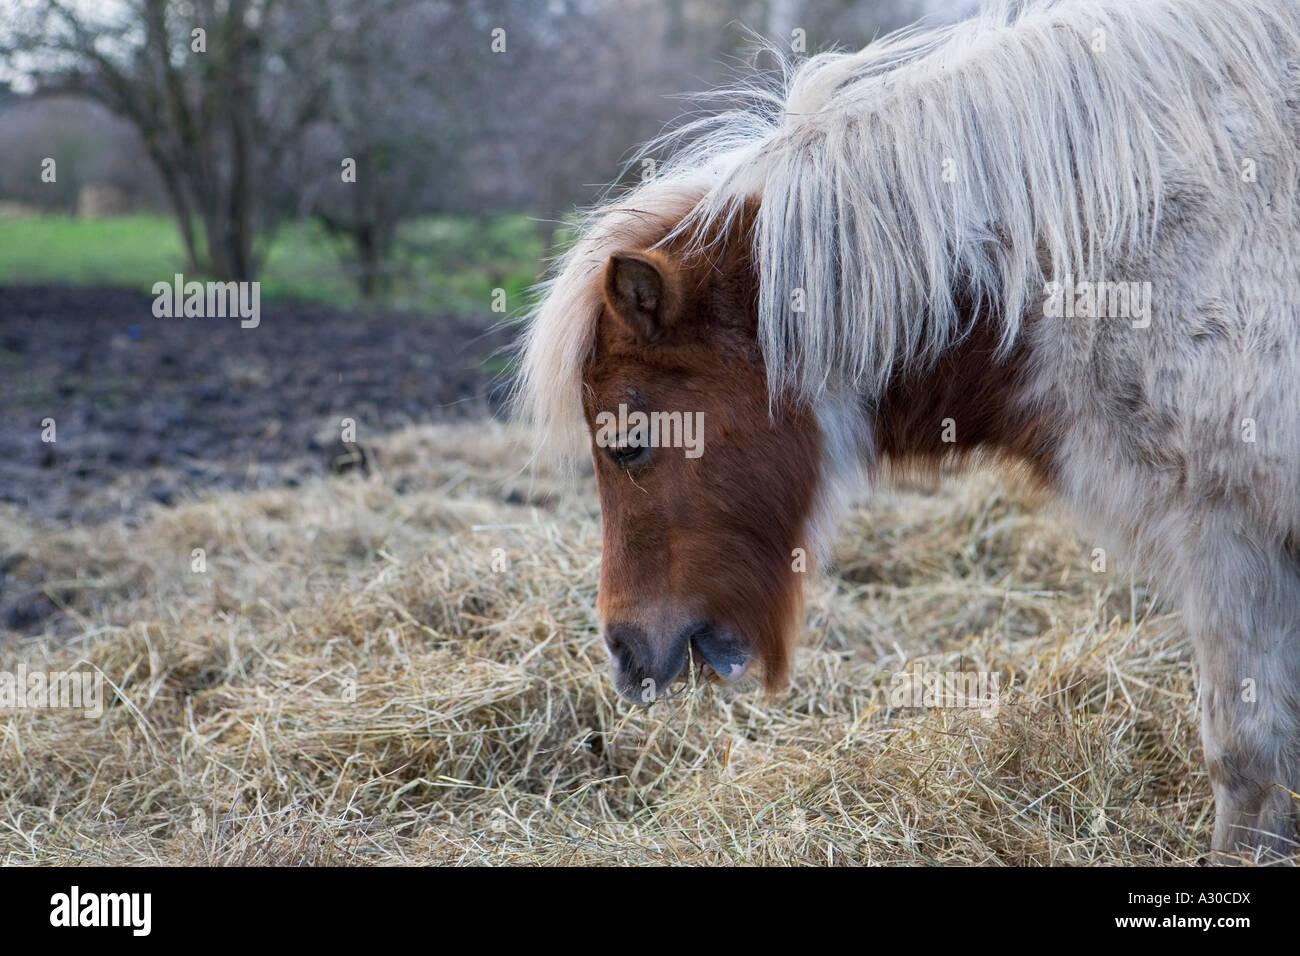 Shetland pony on wasteland in London - Stock Image